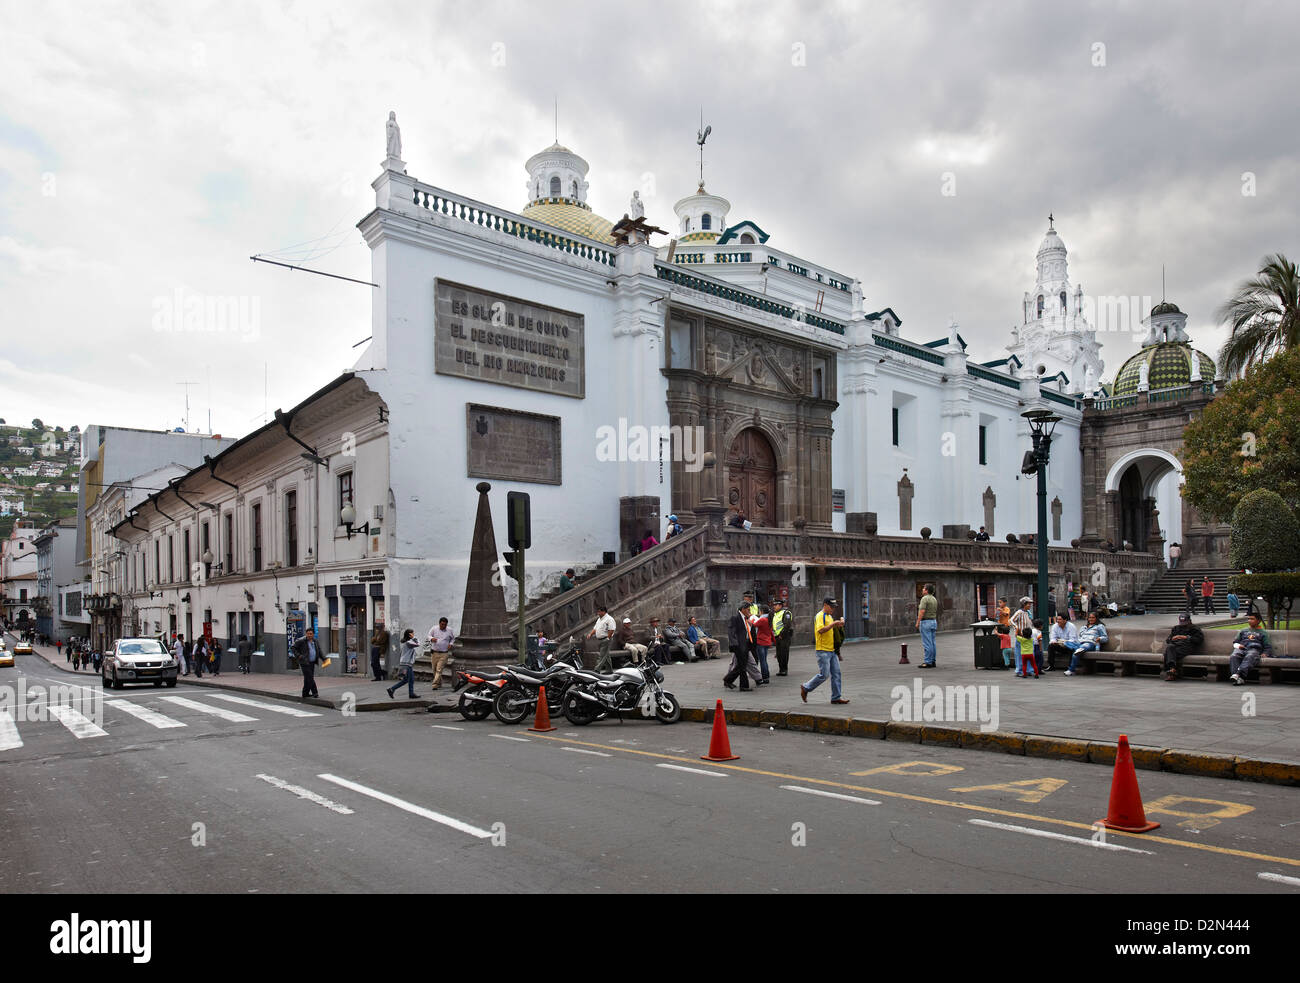 Cattedrale Metropolitana, per il centro storico di Quito, Ecuador Immagini Stock